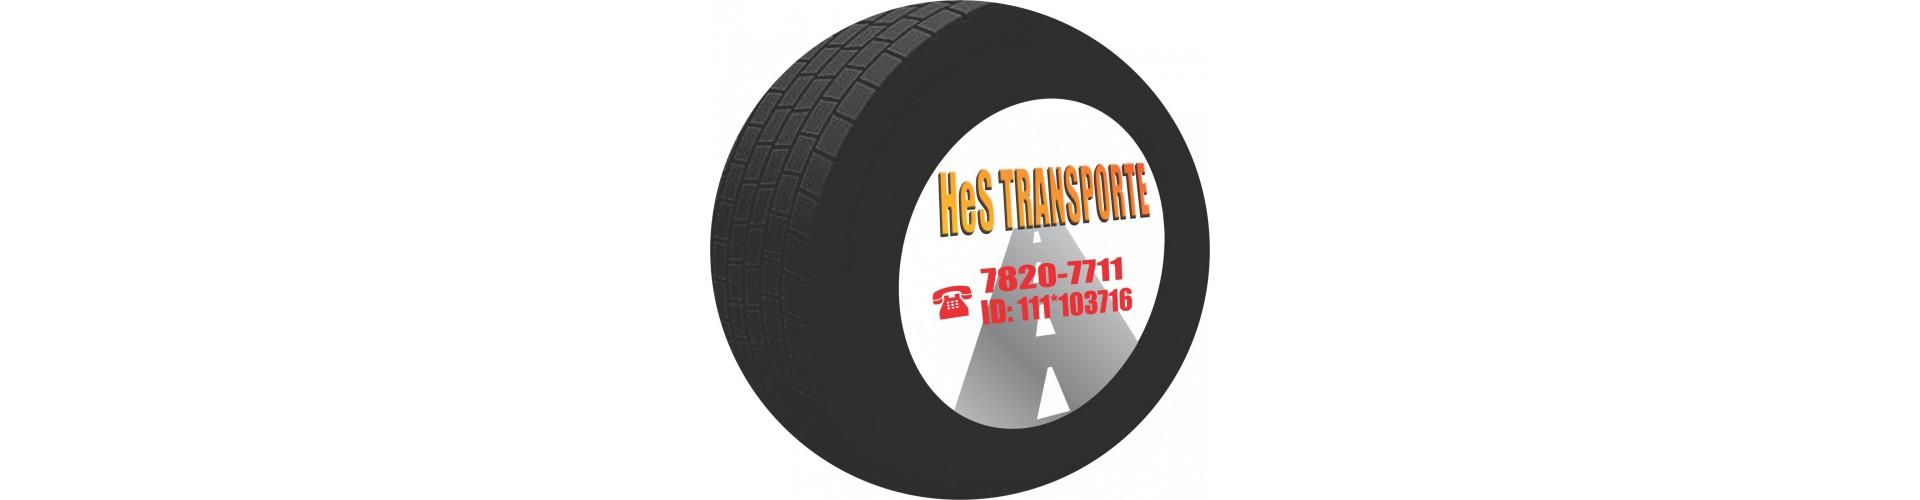 HeS Transporte Logistica São Paulo e Grande São Paulo